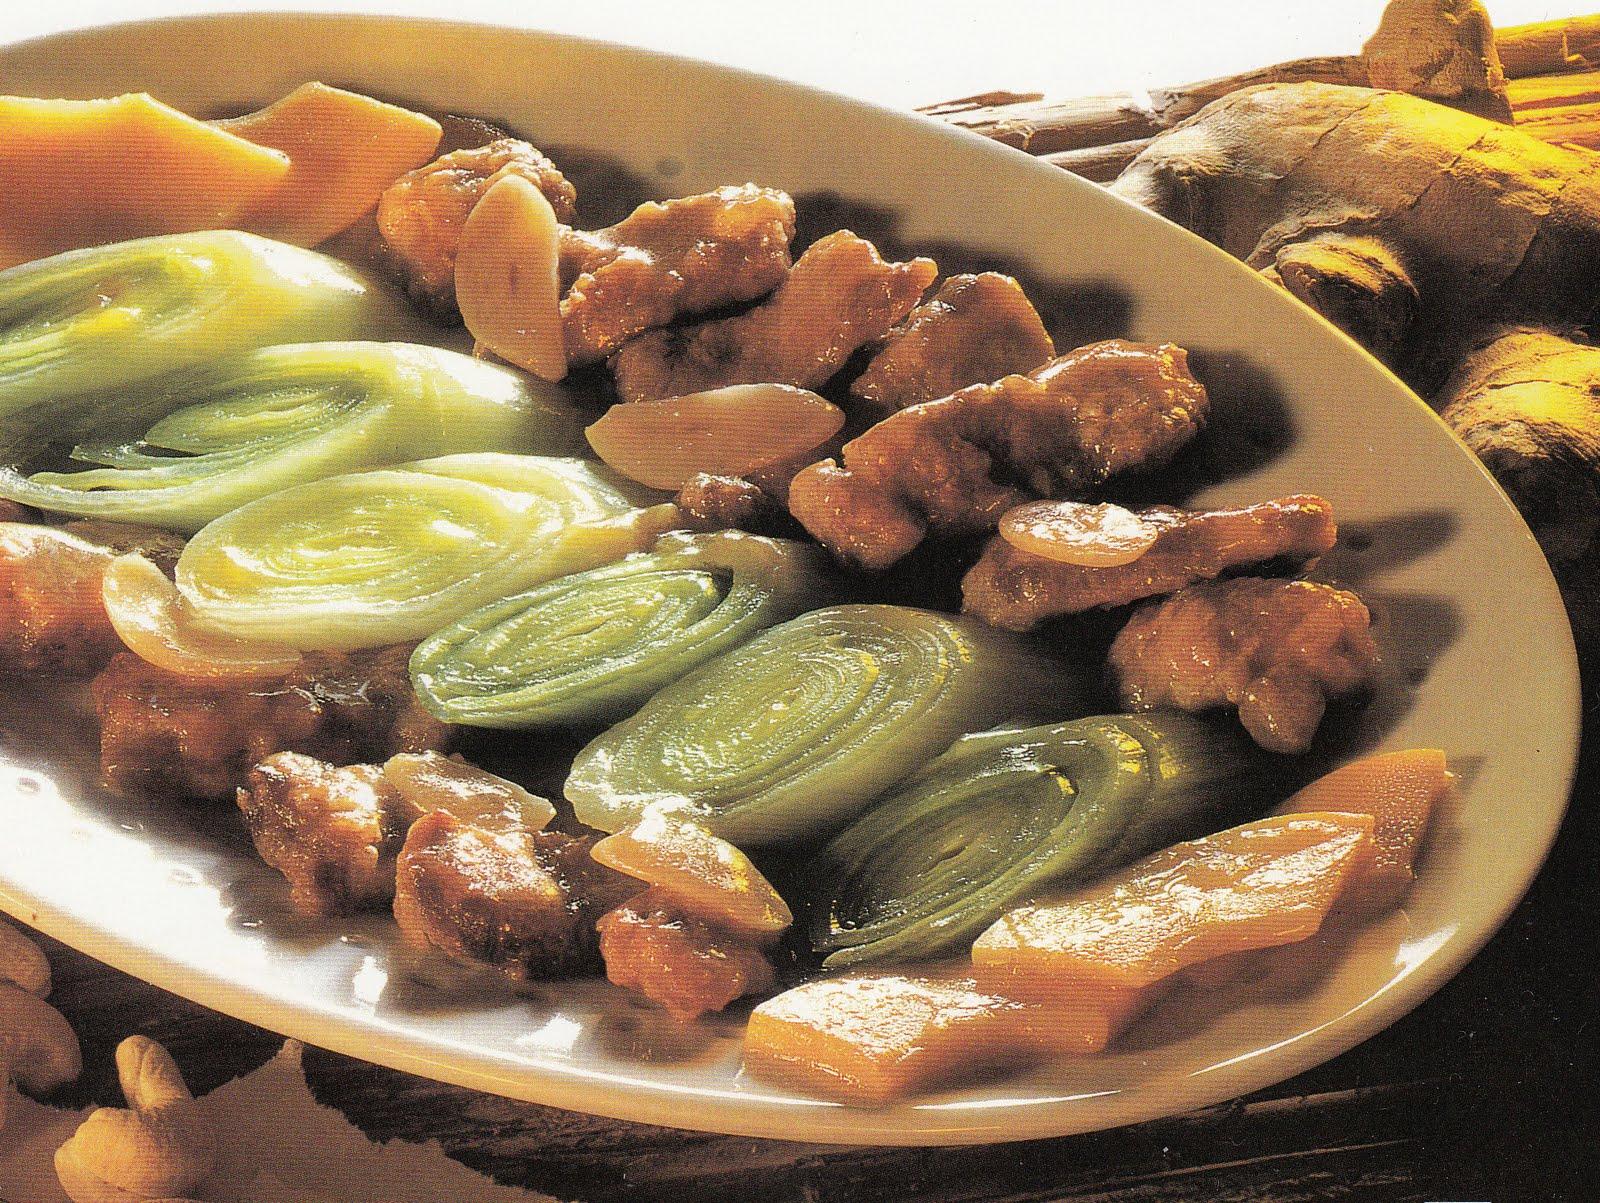 La cucina cinese agnello con porri for Cucina cinese ricette